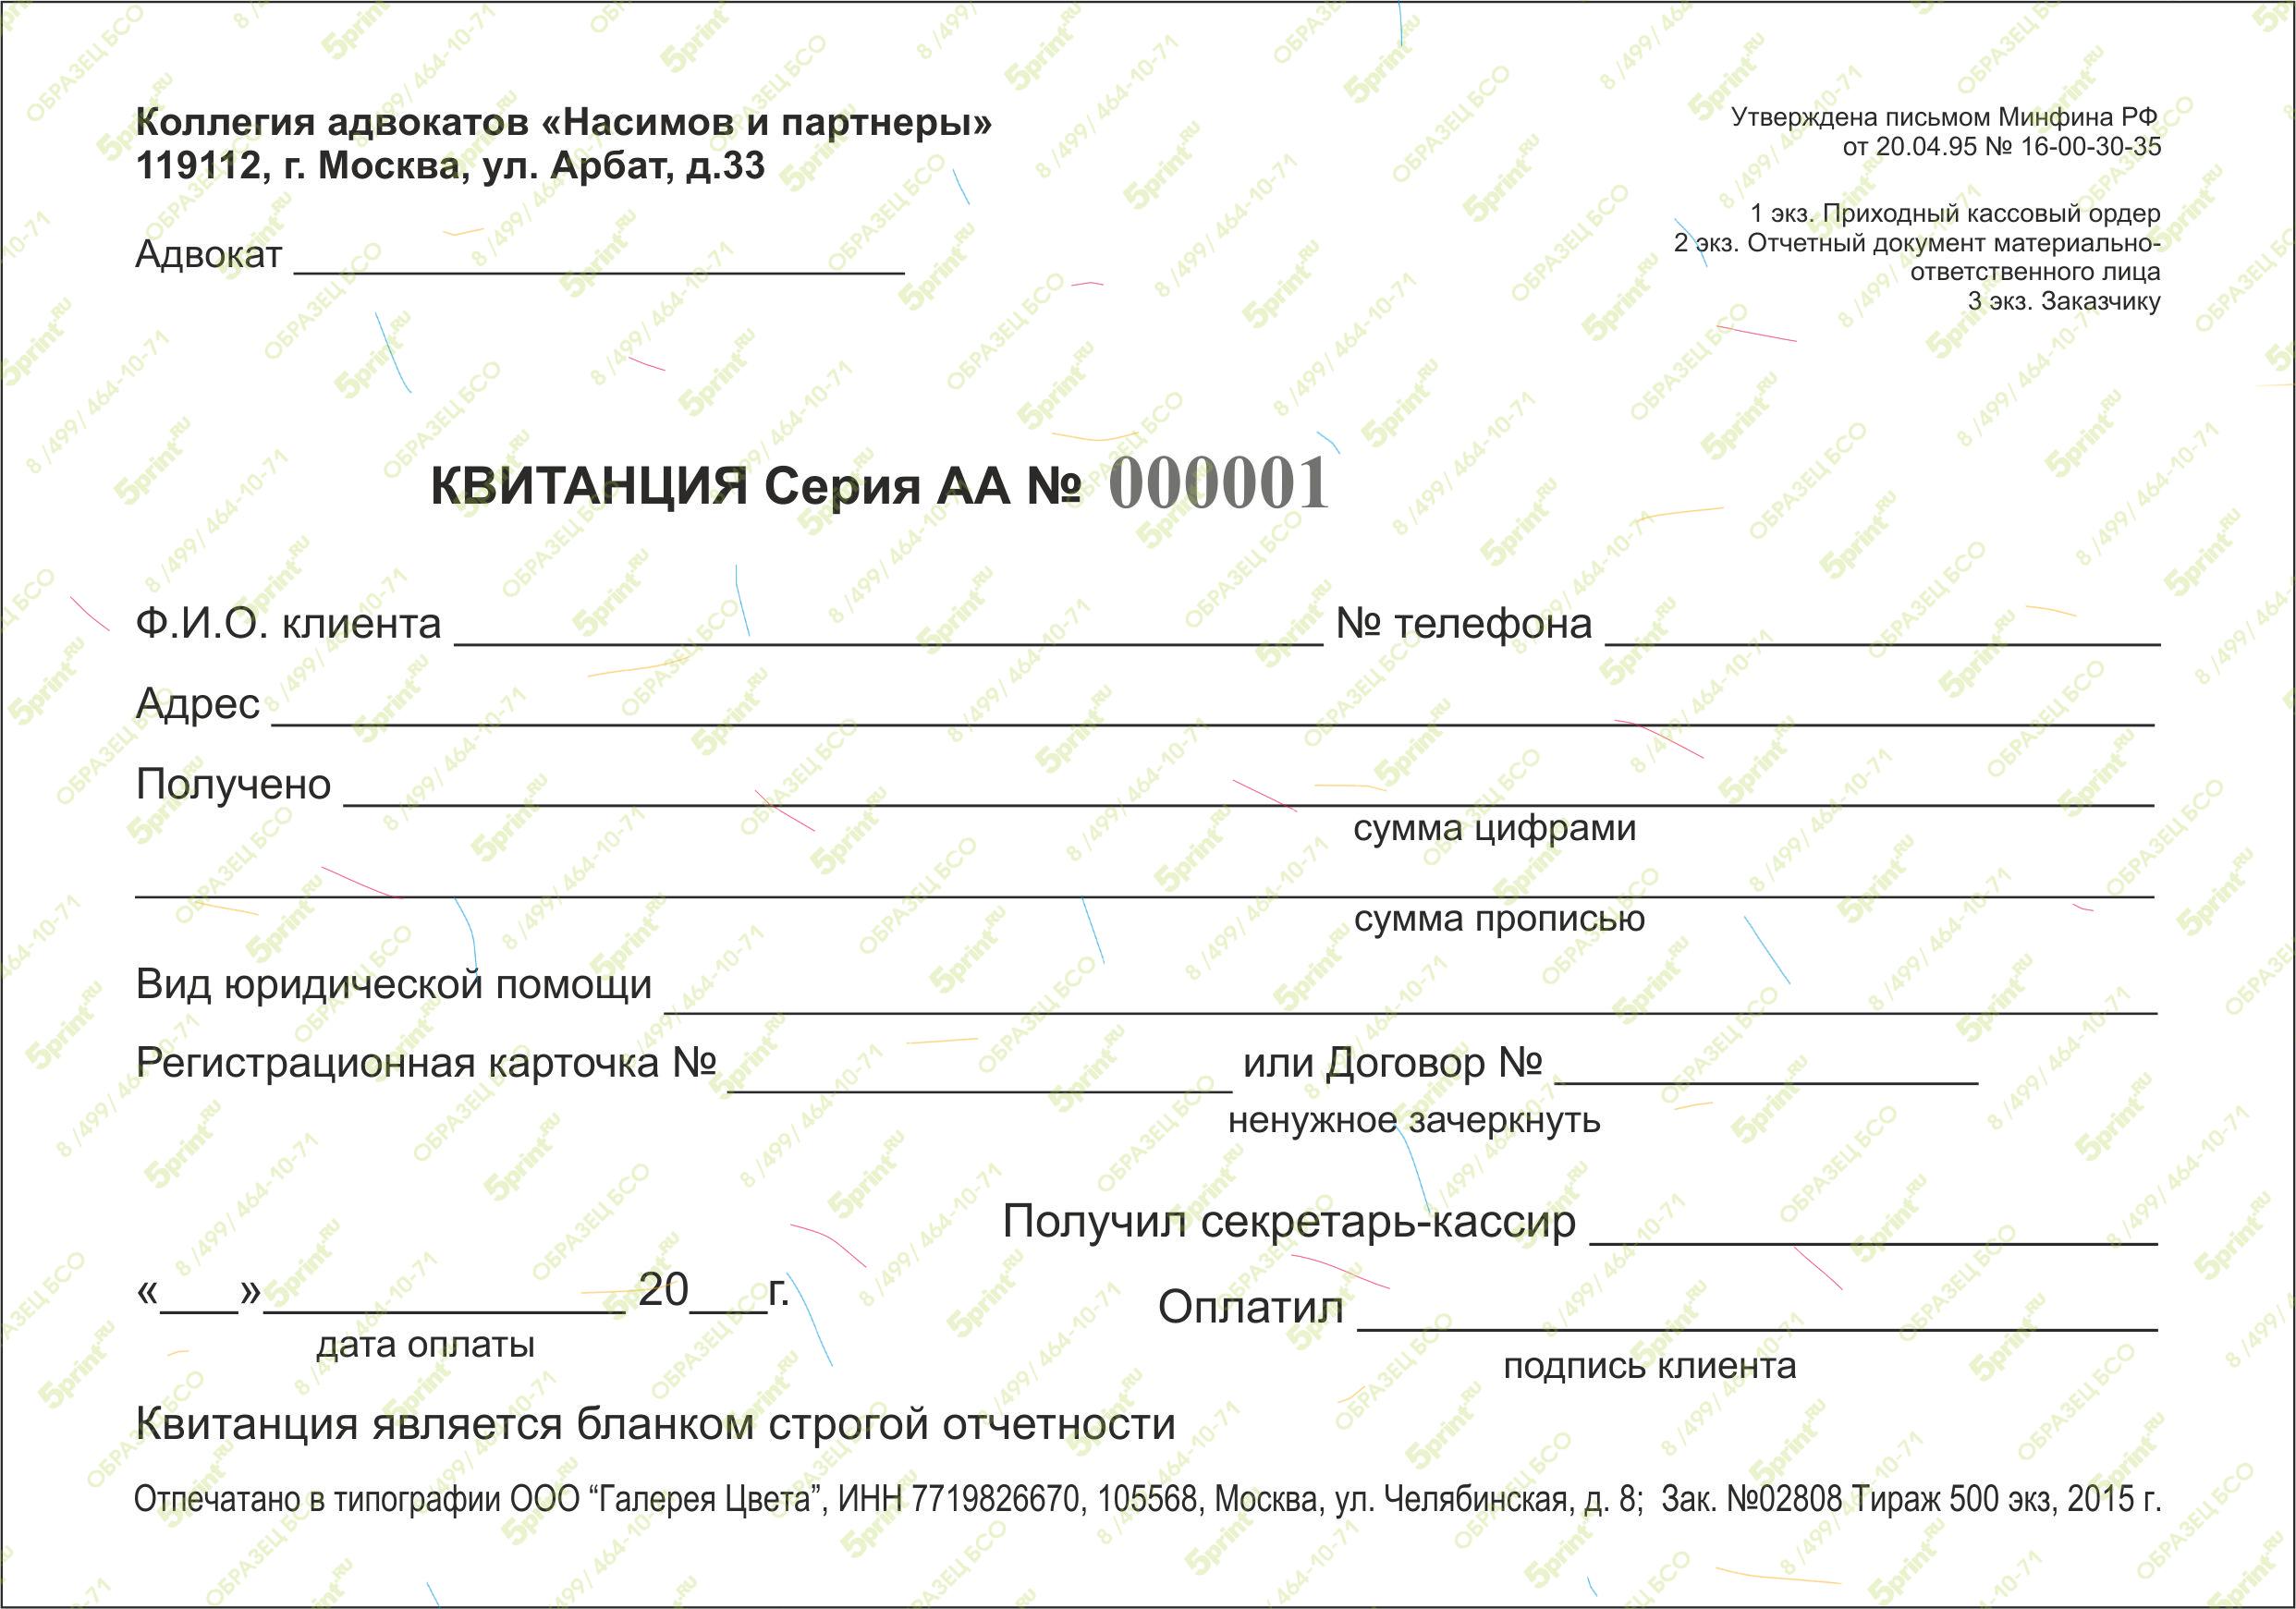 Адвокаты Бланки строгой отчетности (БСО) Заказать по выгодной цене в Москве